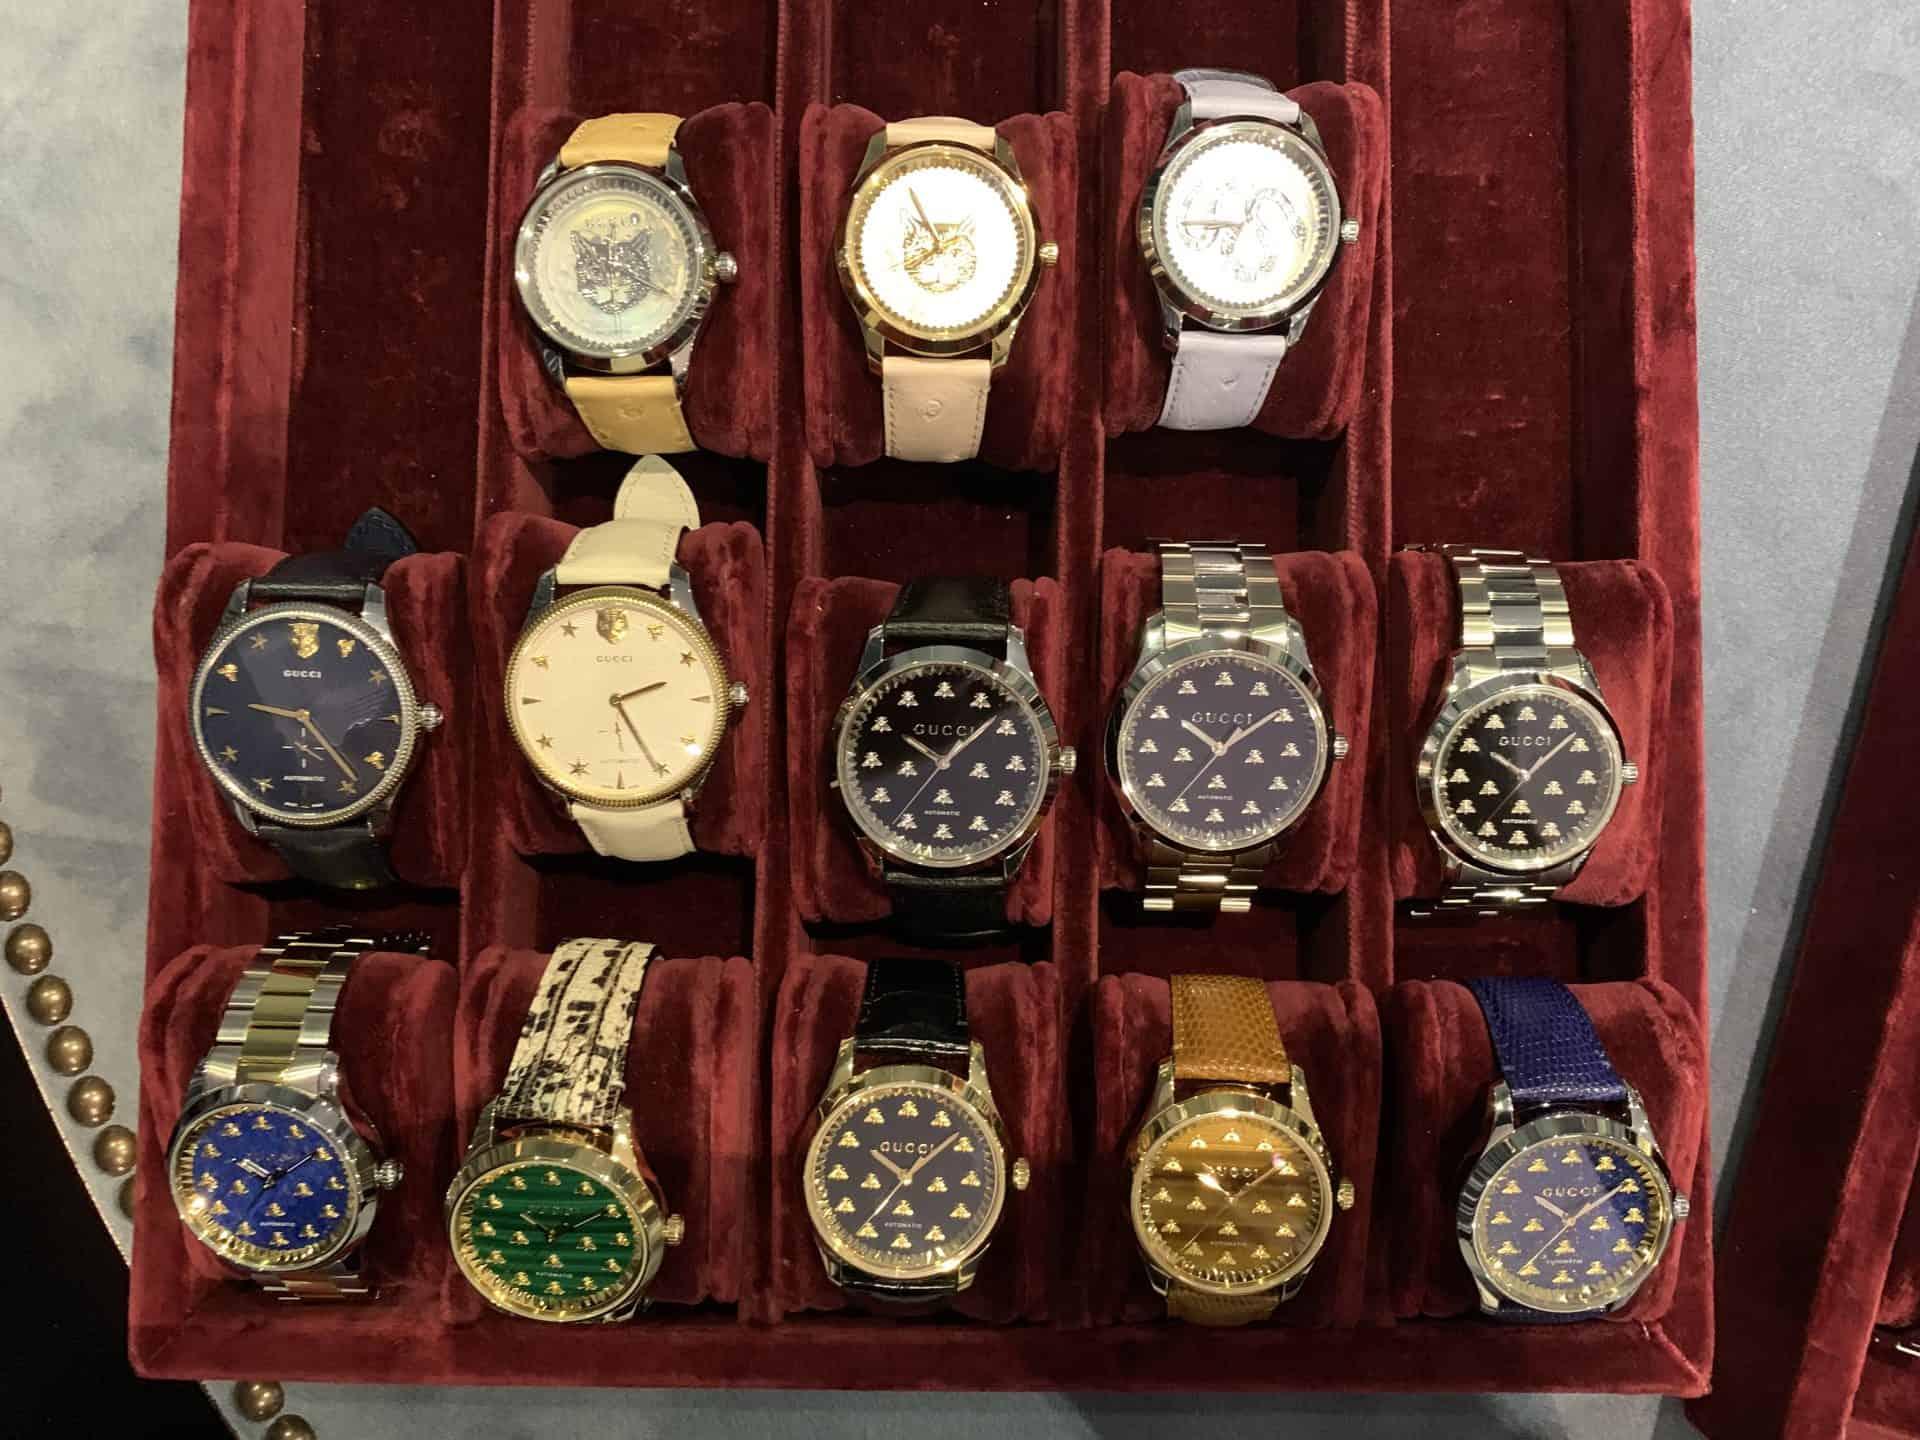 Gucci bietet auch eine breite Auswahl von Uhren mit klassischer Zeitanzeige und schnell identifizierbarer Marke